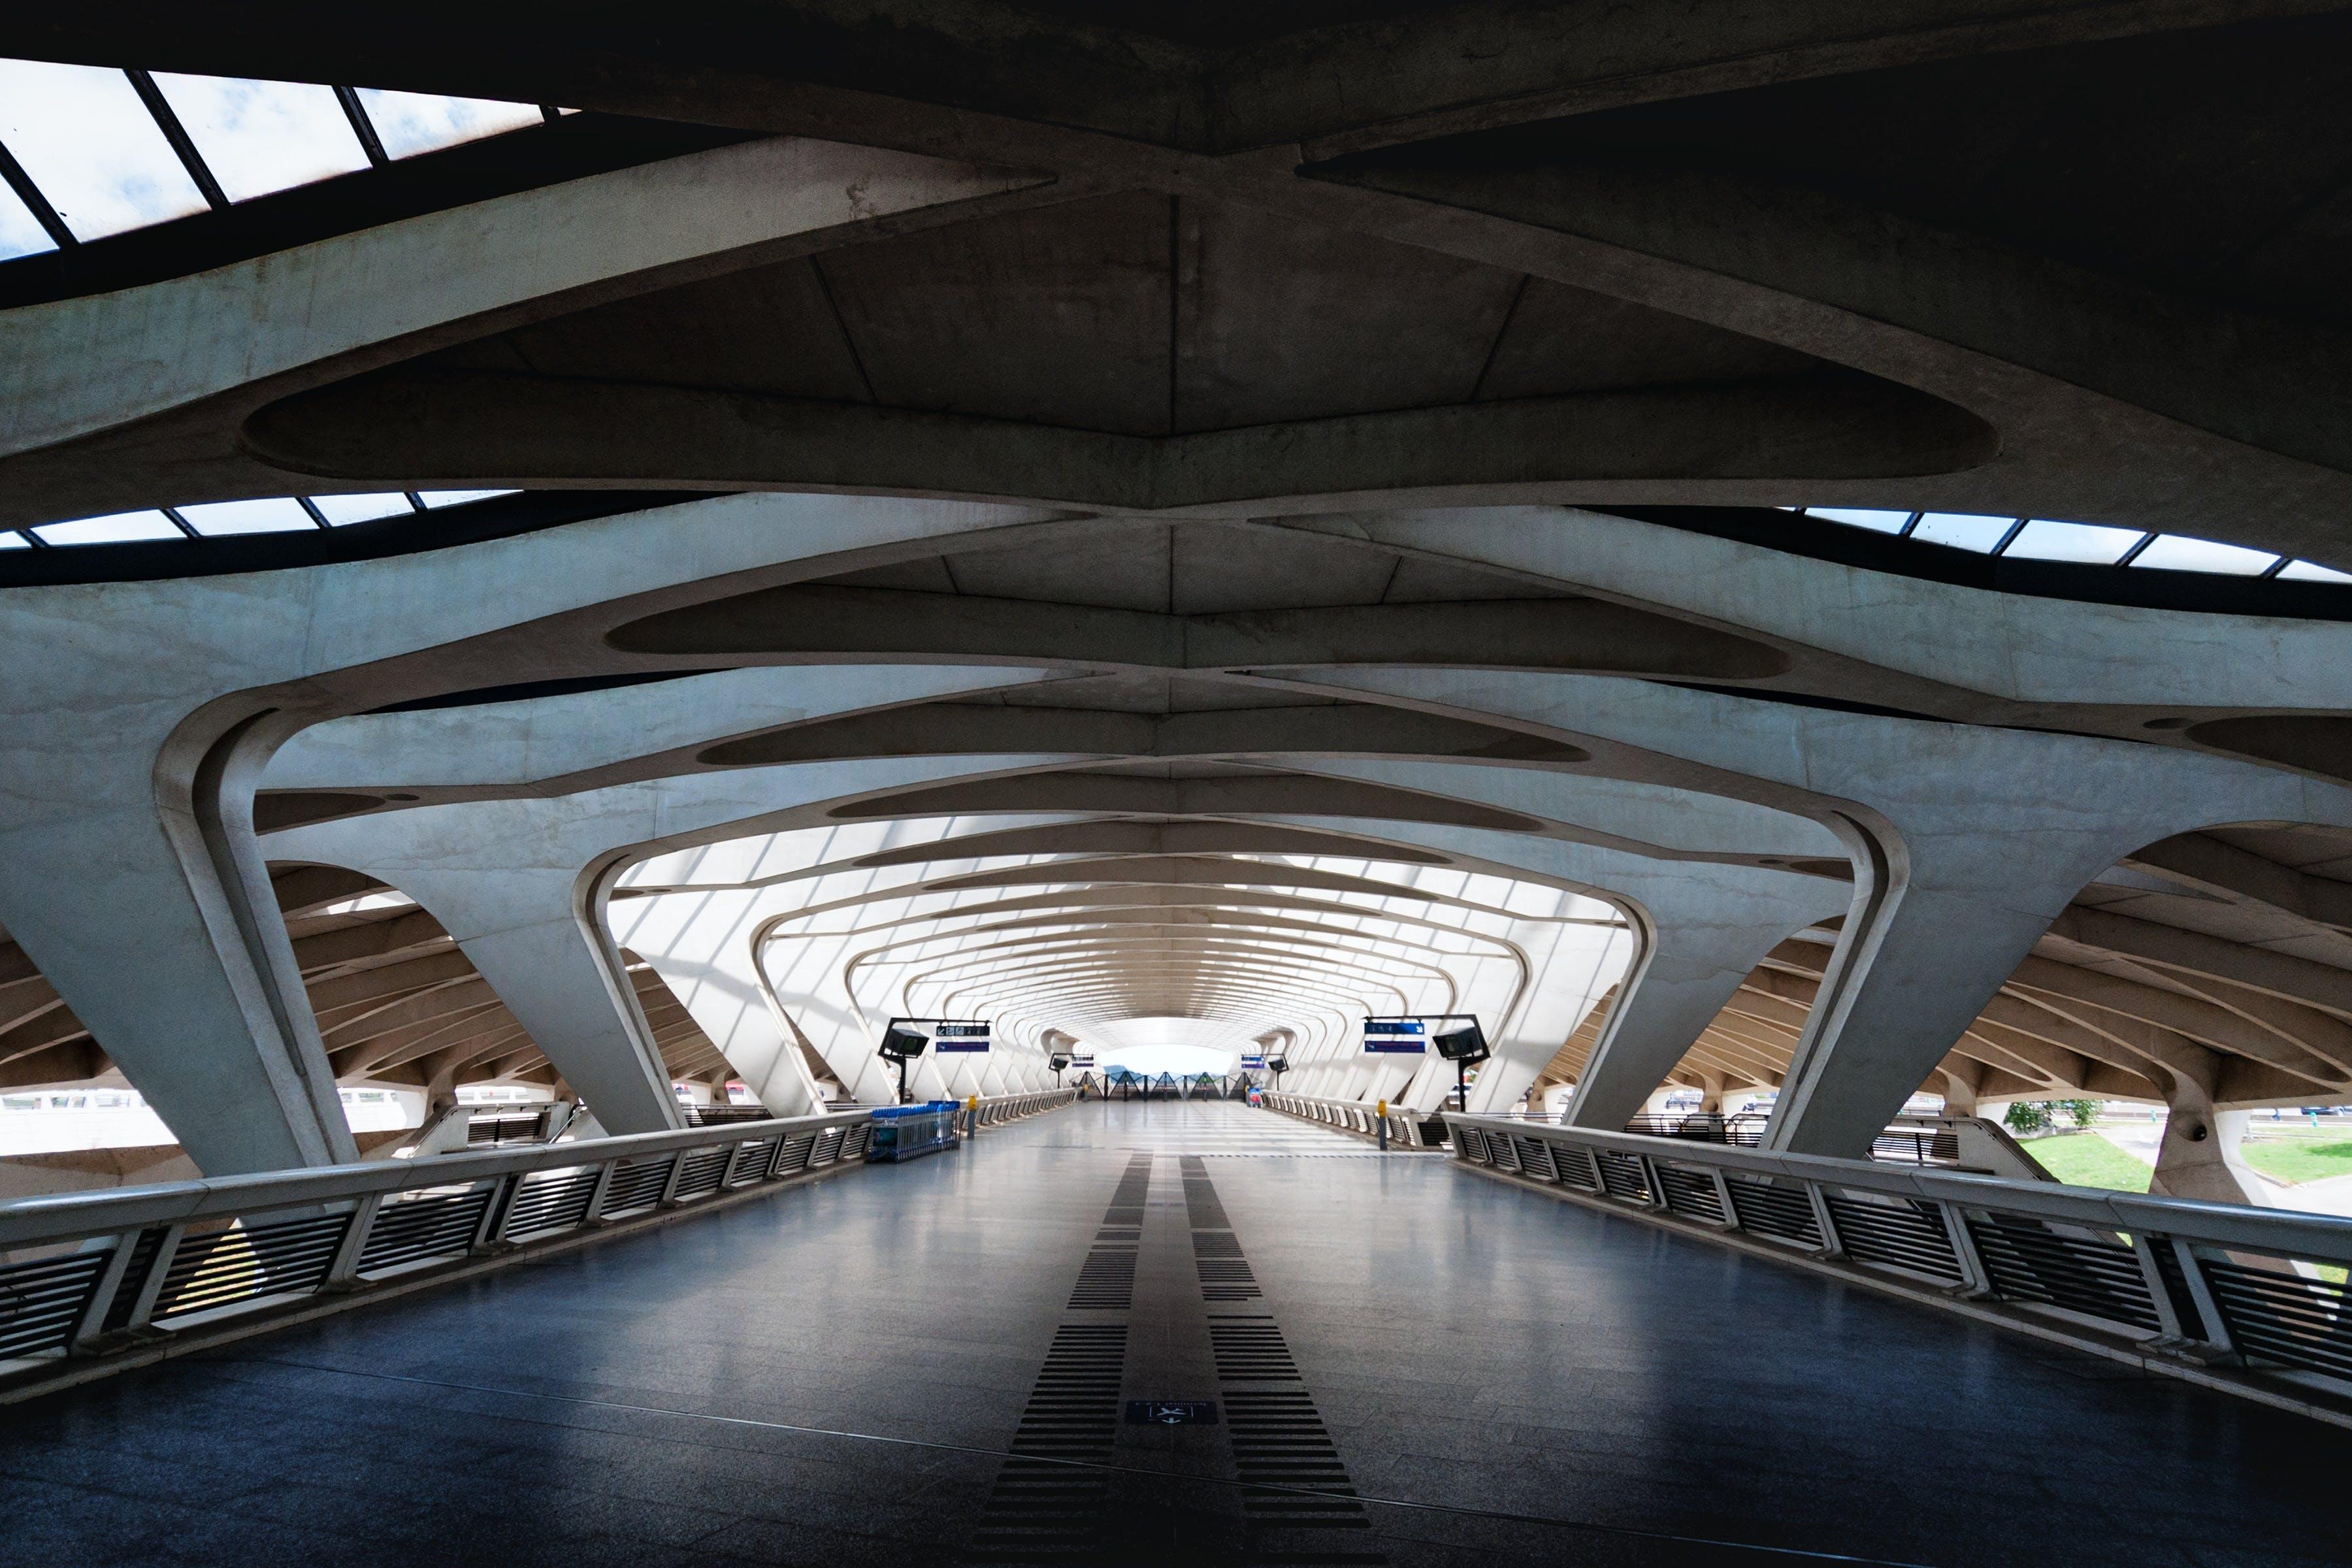 architectural design, bridge, ceiling